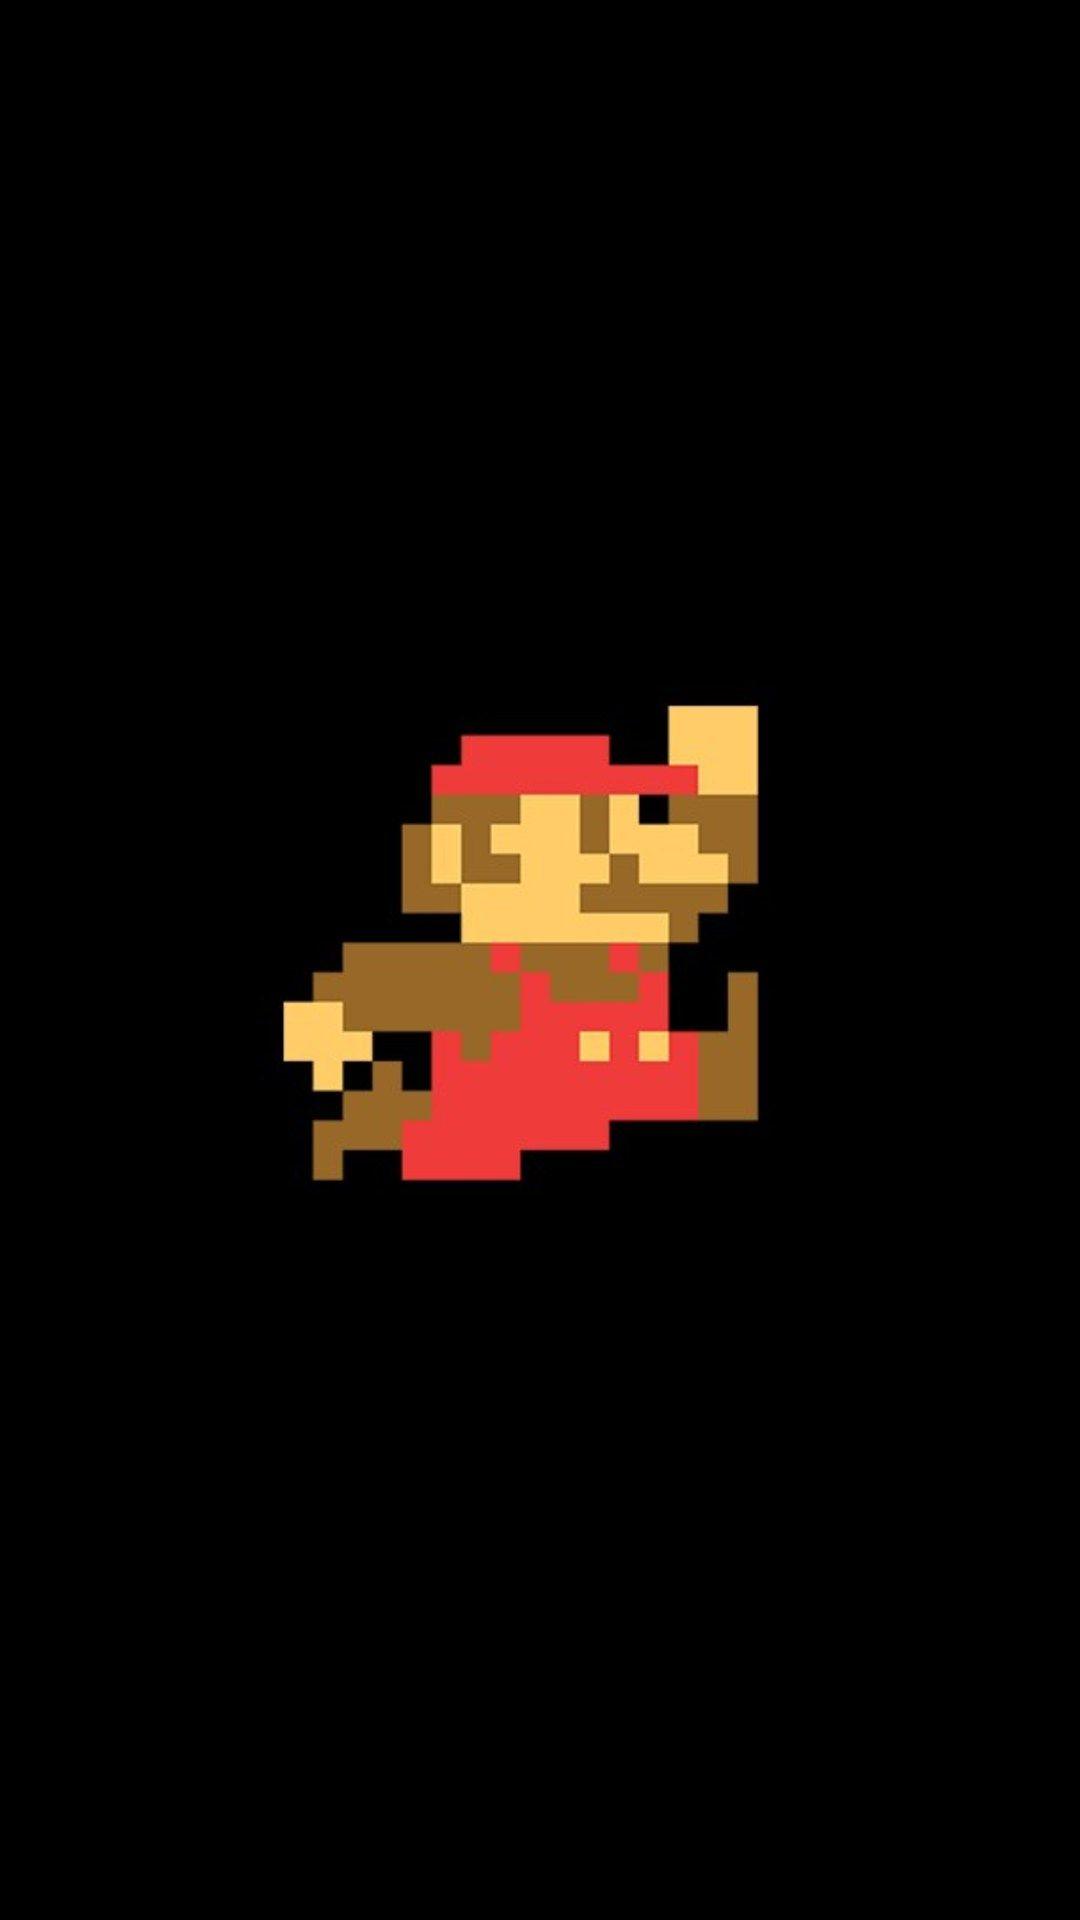 Pin De Ham On En Mariowallpaper3 Imagenes Retro Arte De Videojuegos Iphone Fondos De Pantalla